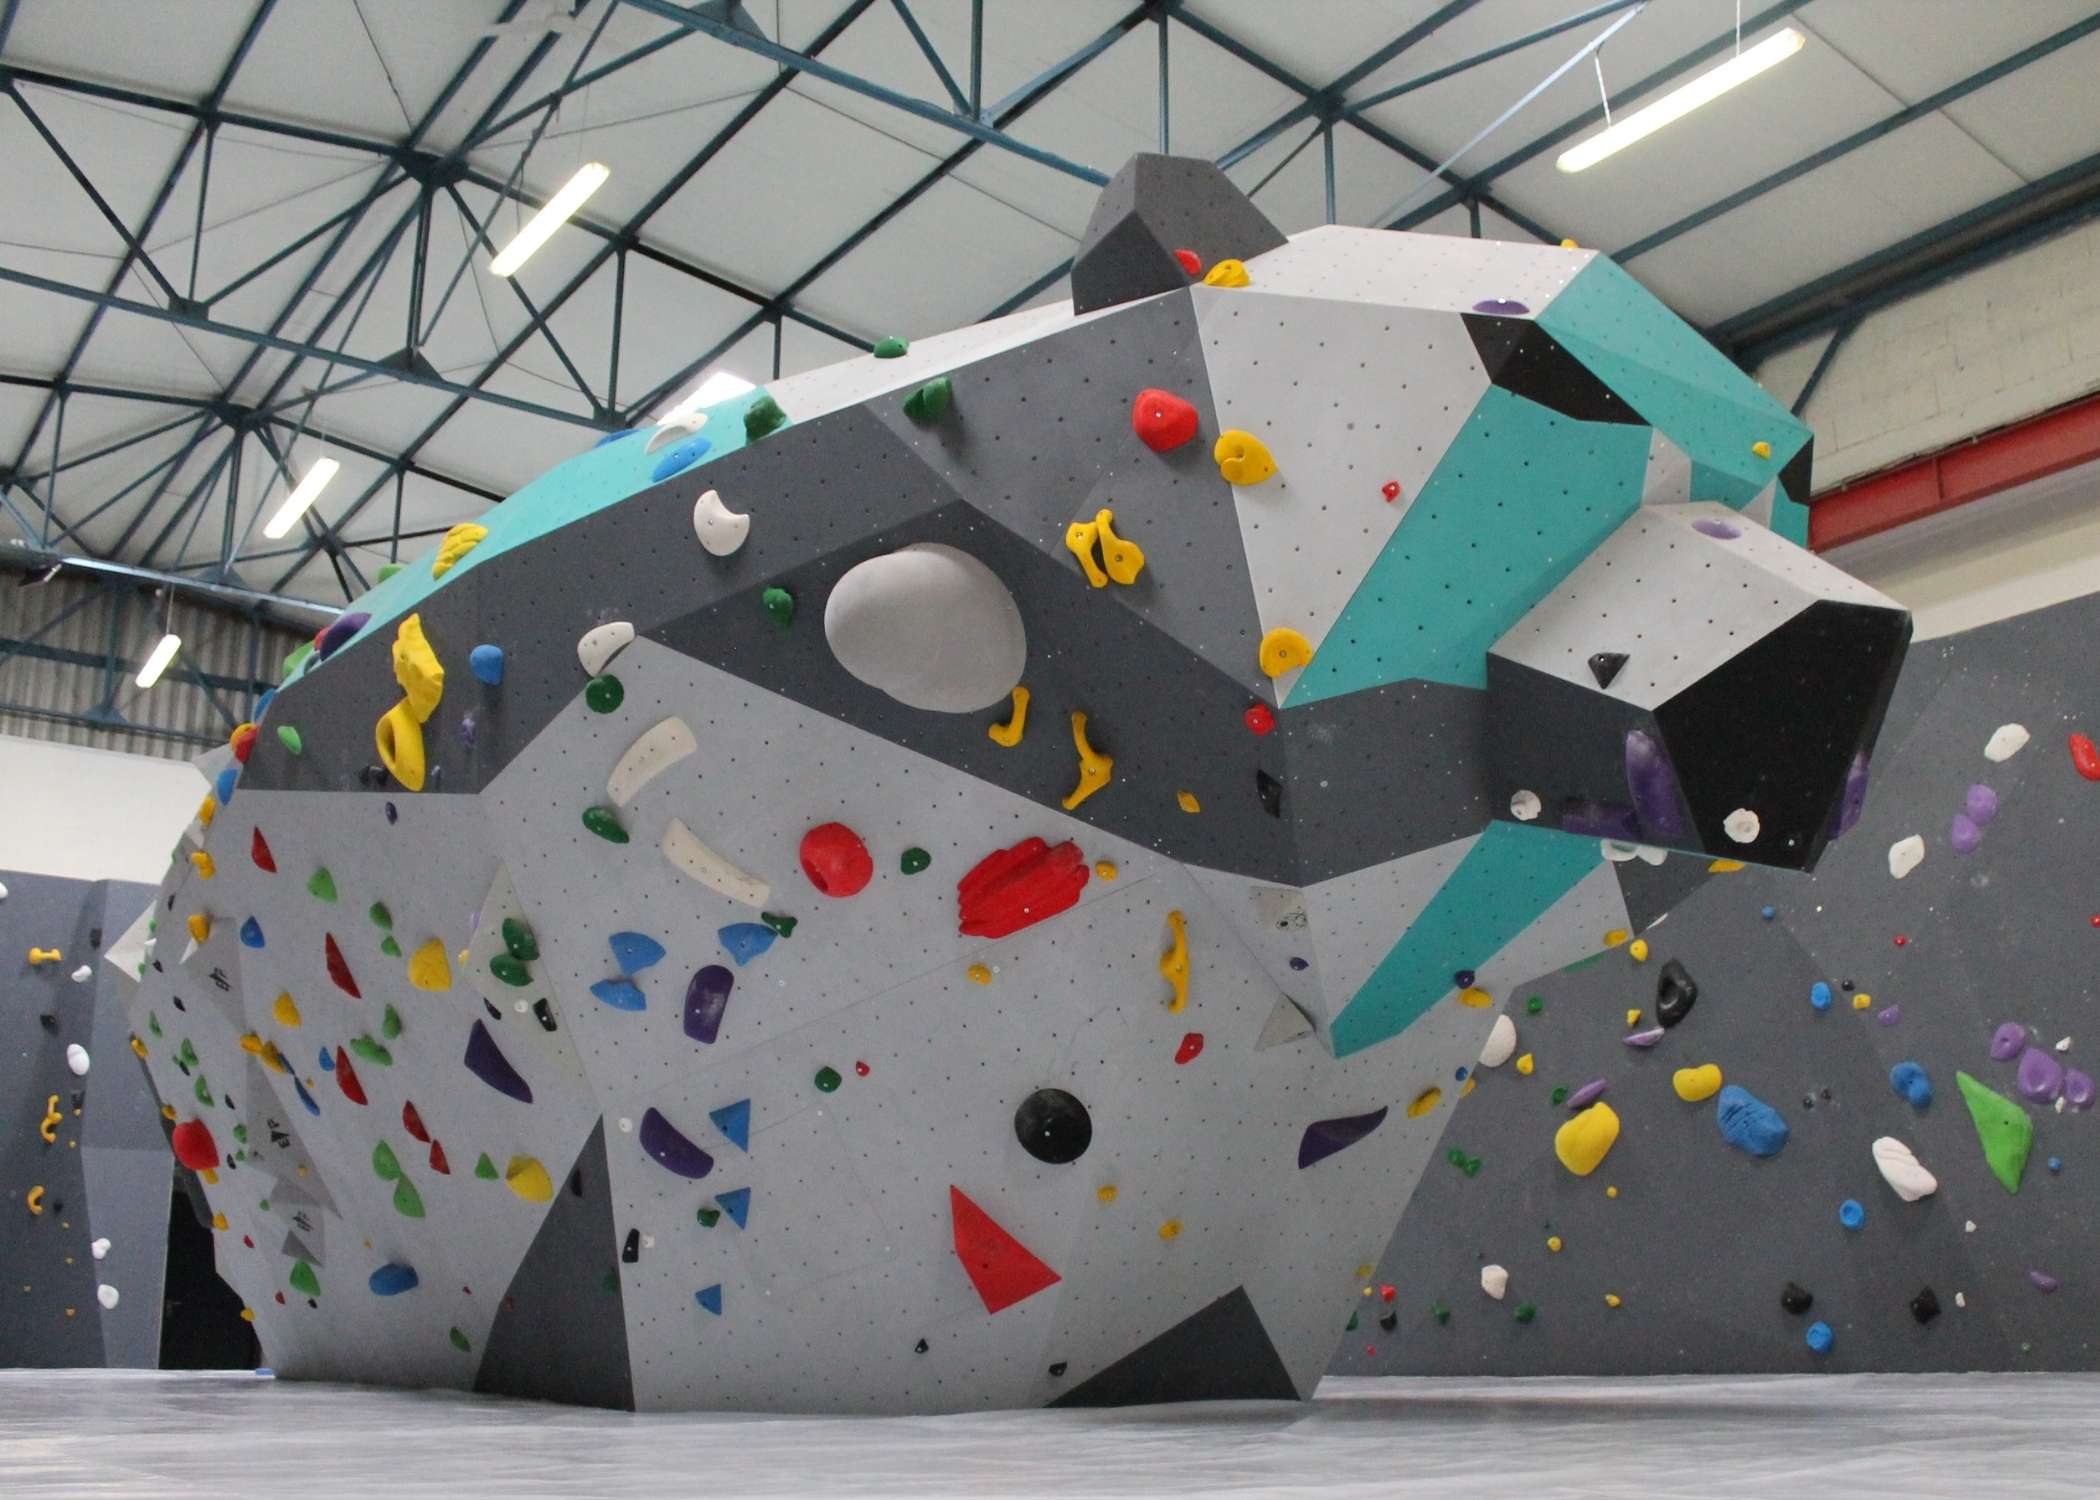 bouldering wall installer, climbing wall supplier